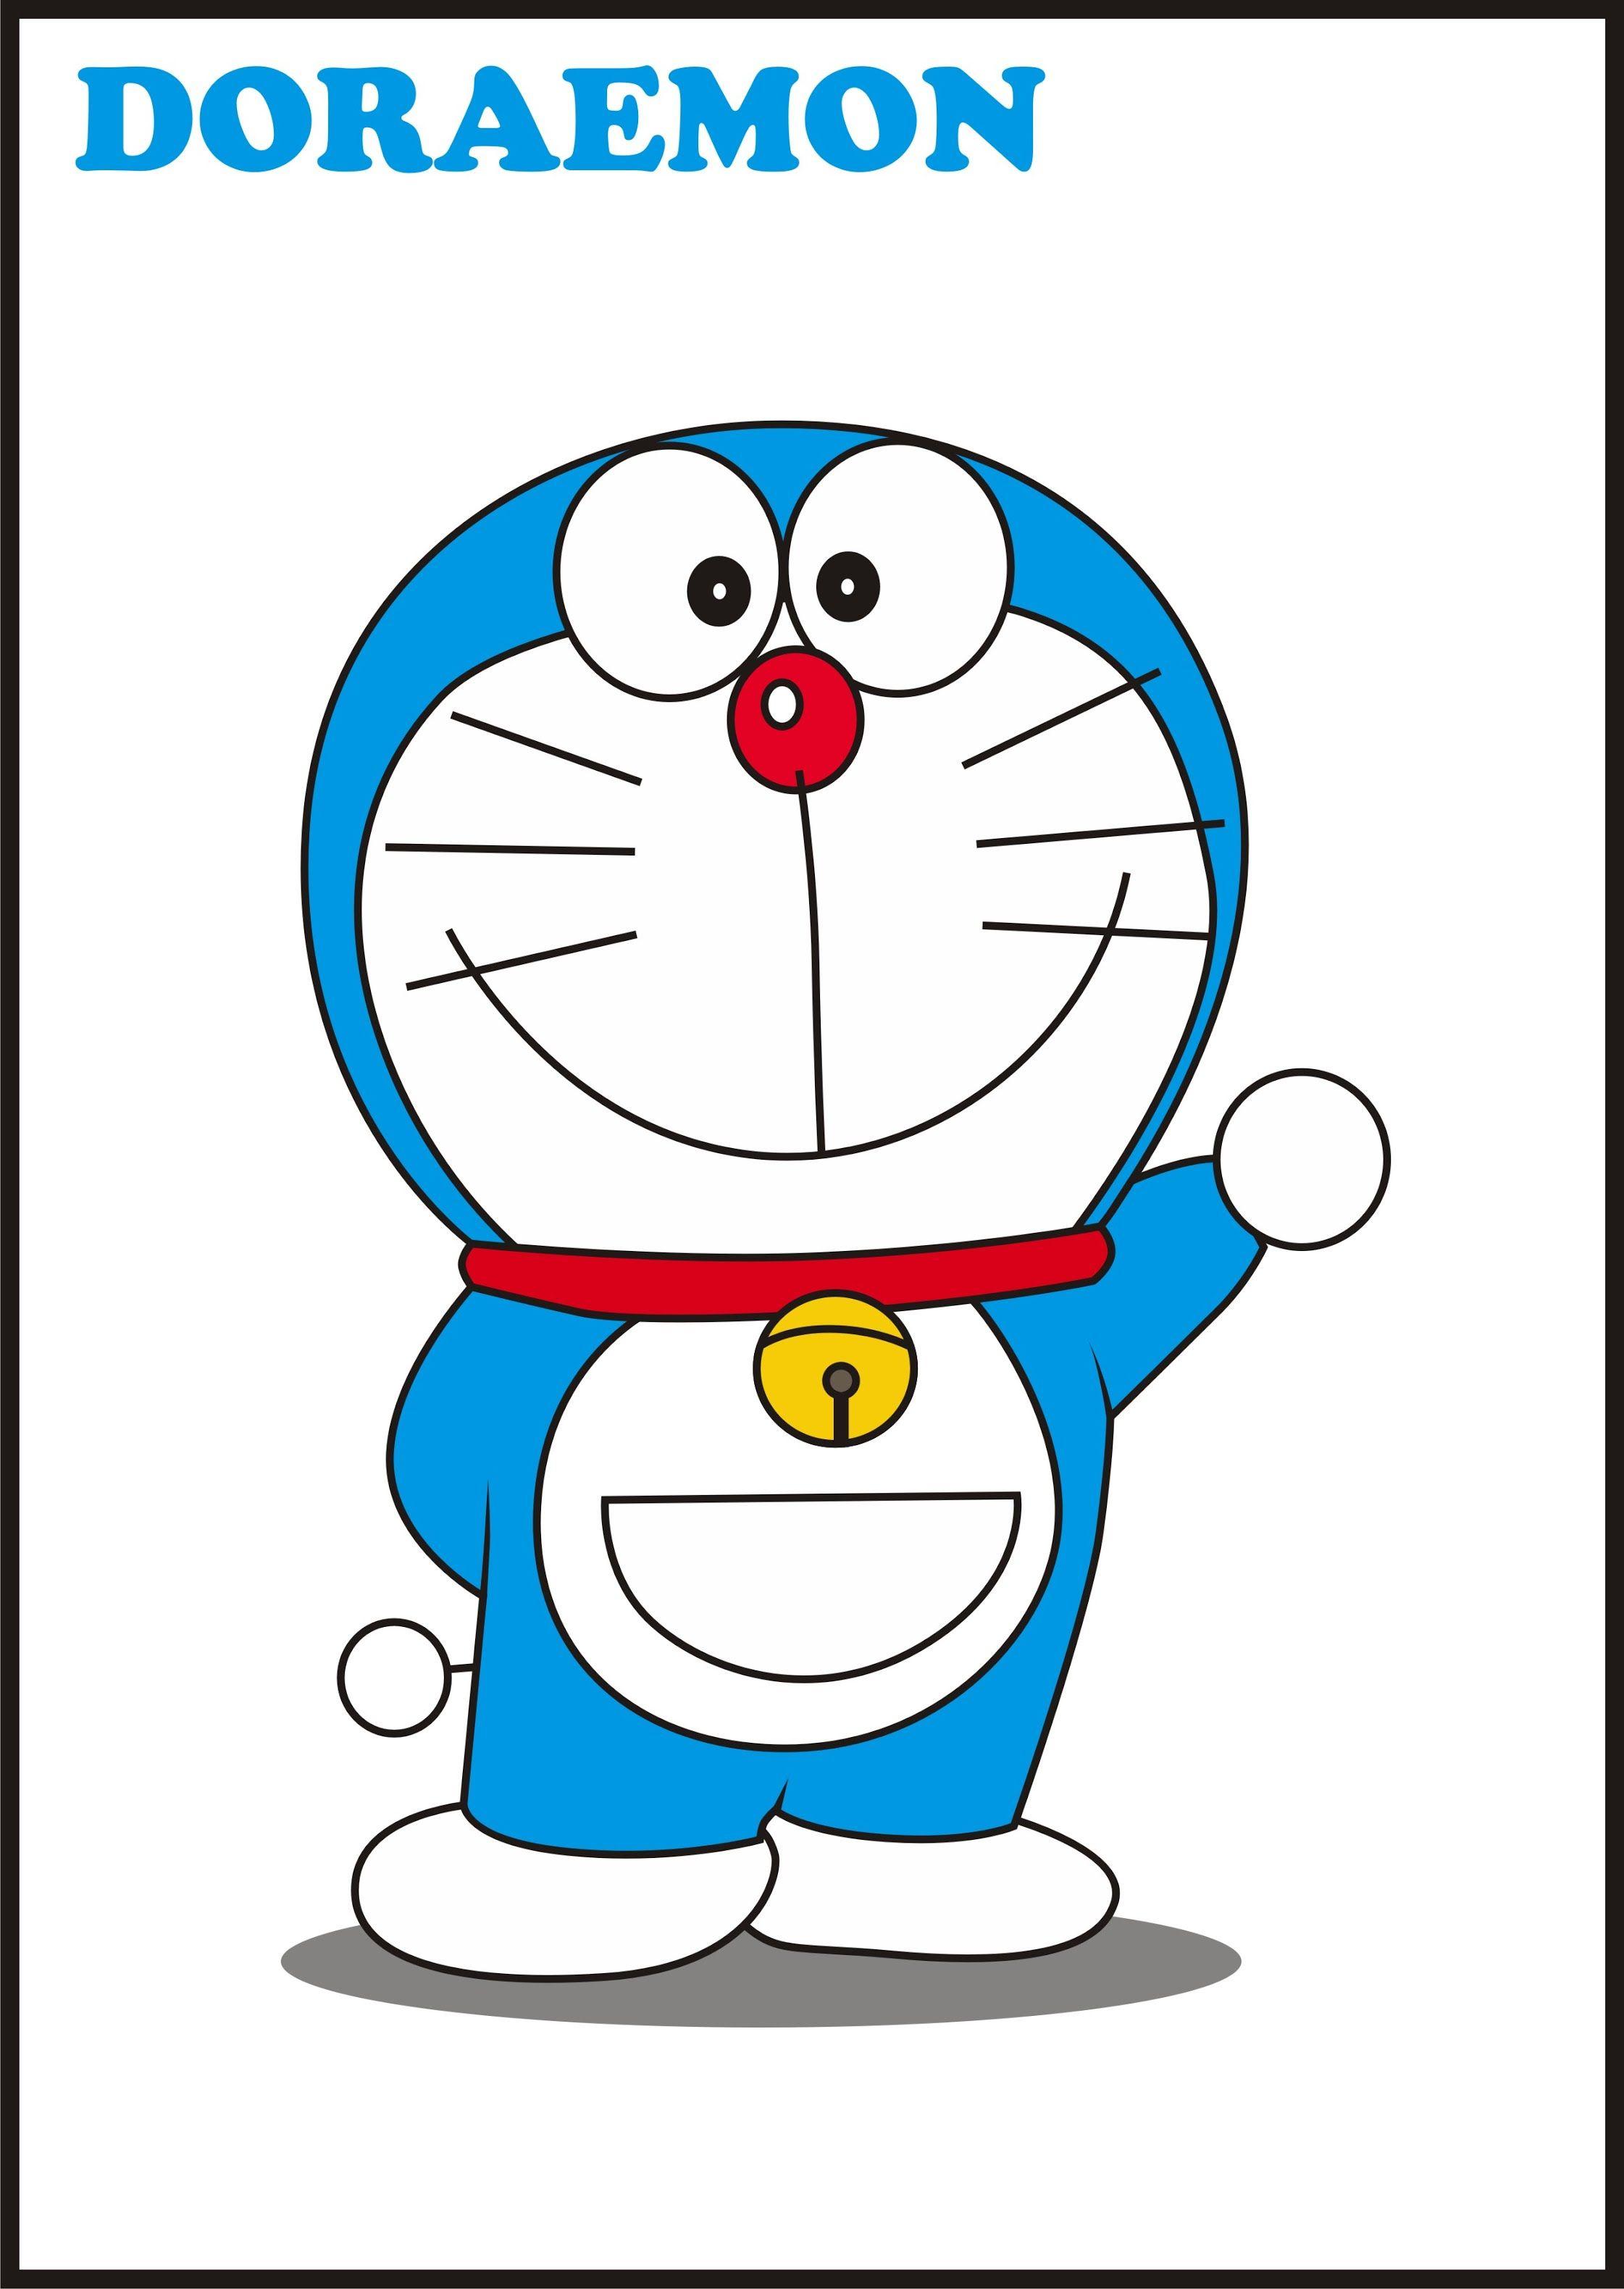 Download 55 Gambar Doraemon Yg Imut Gratis